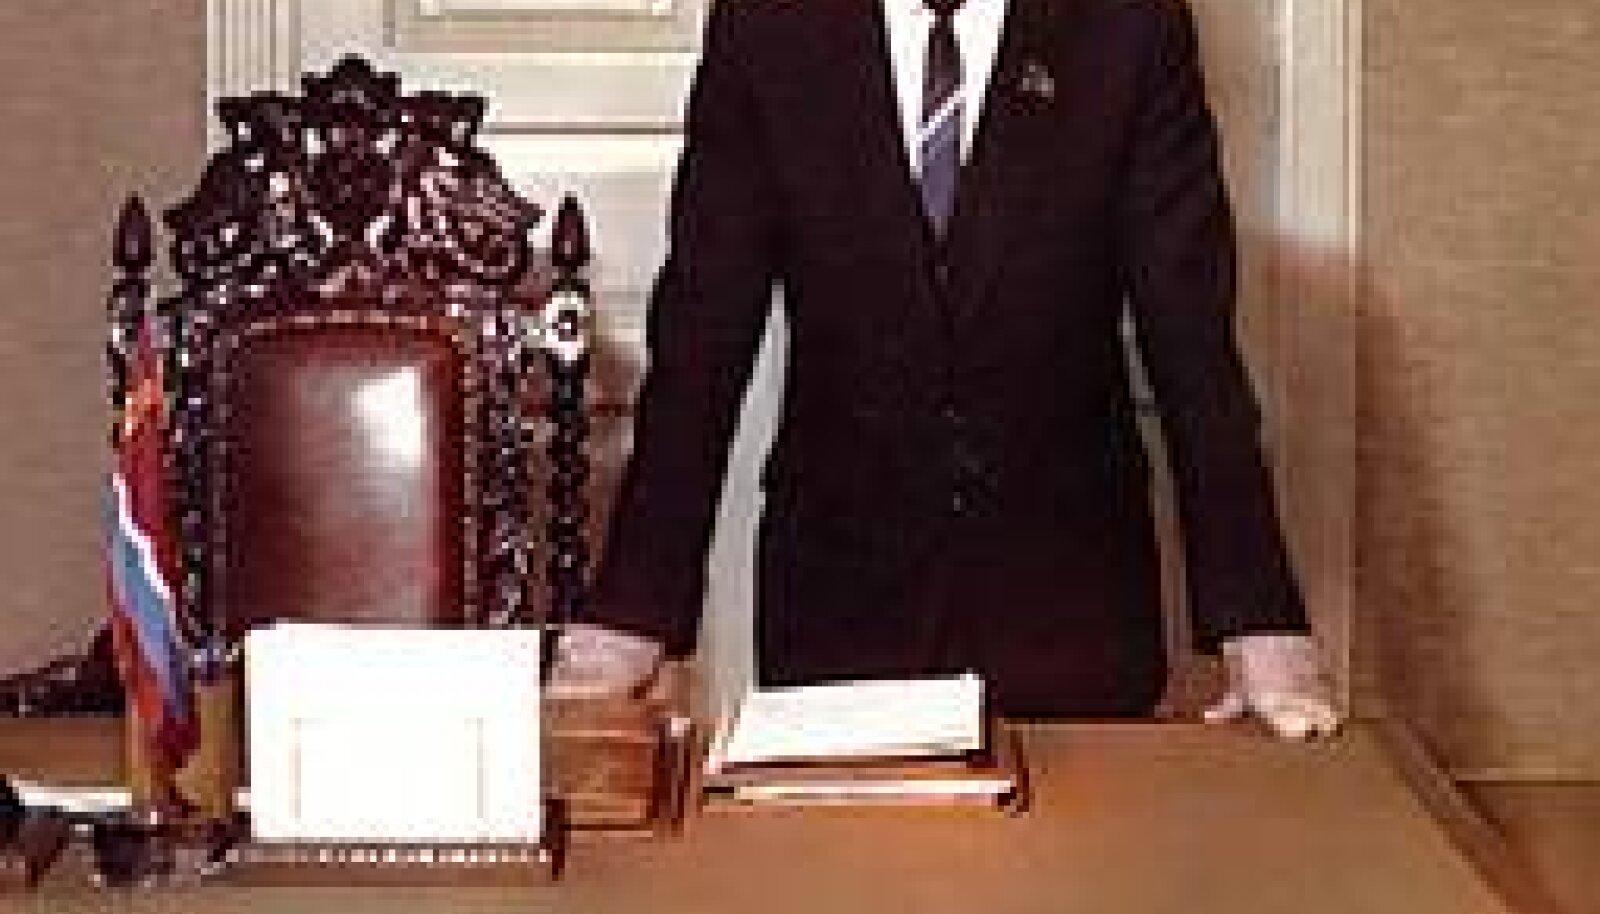 """LENINI PILDI ALL: Bruno Sauli mälestusteraamatu kaanel on hetk tema hiilgeajast ENSV Ministrite Nõukogu esimehena. repro bruno sauli mälestusraamatu kaanest """"Meie aeg"""""""